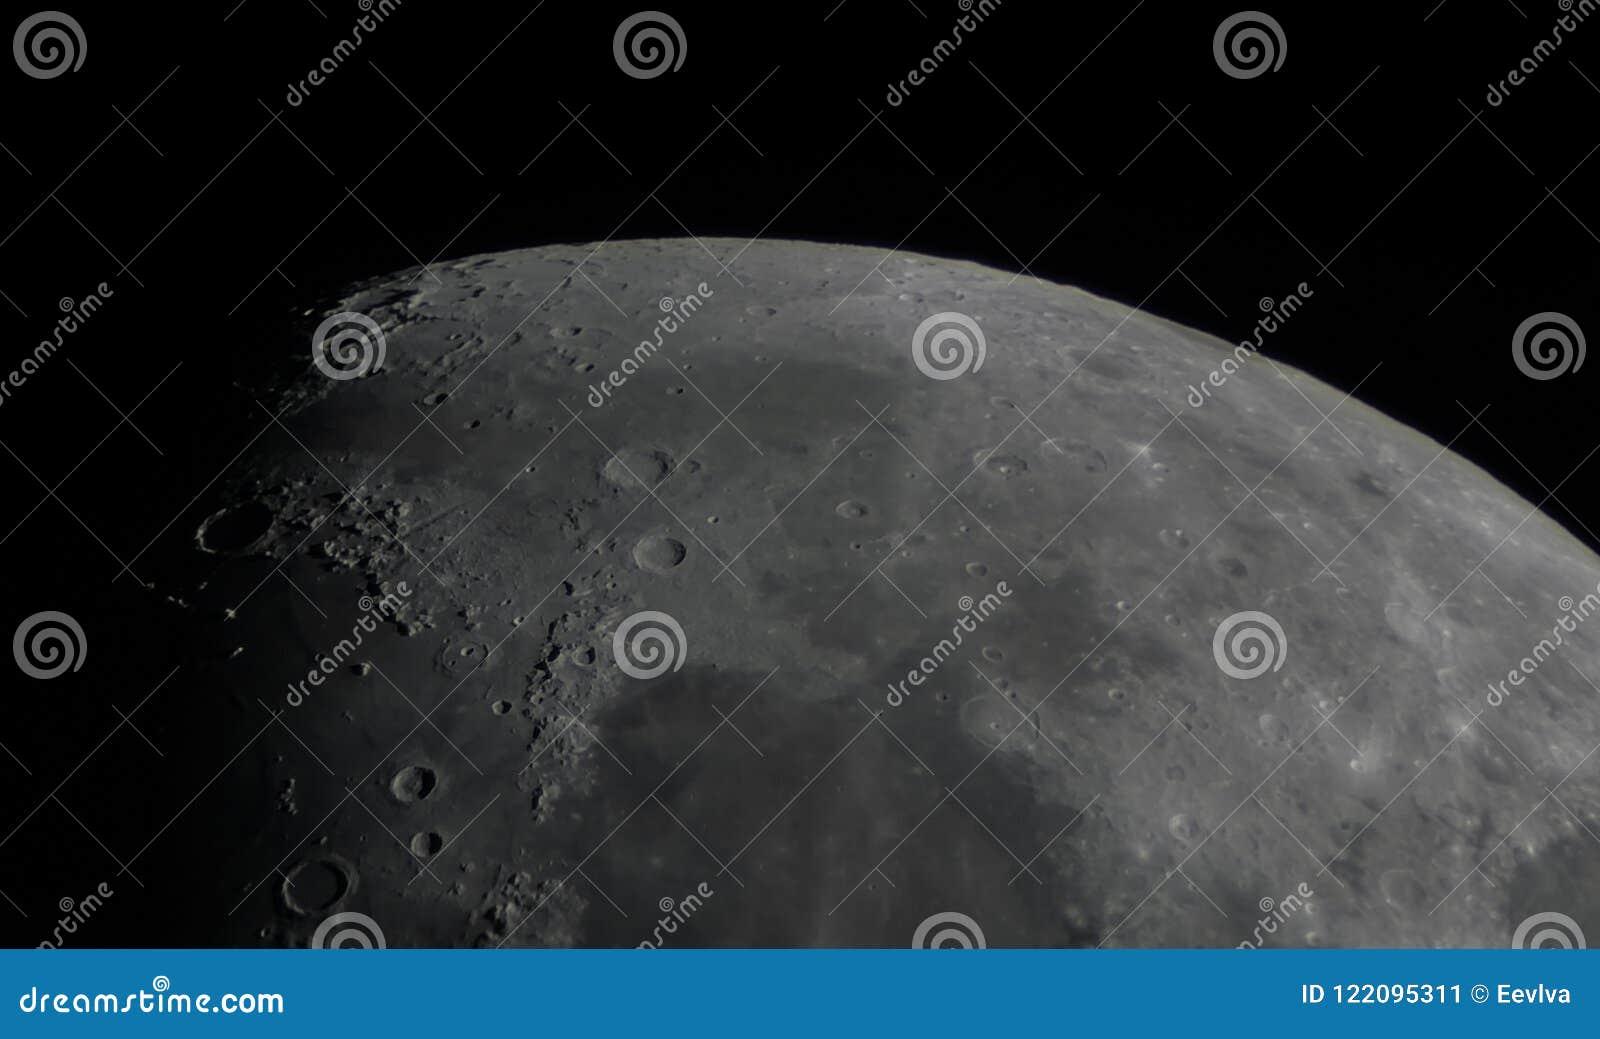 Detalhe de superfície da lua